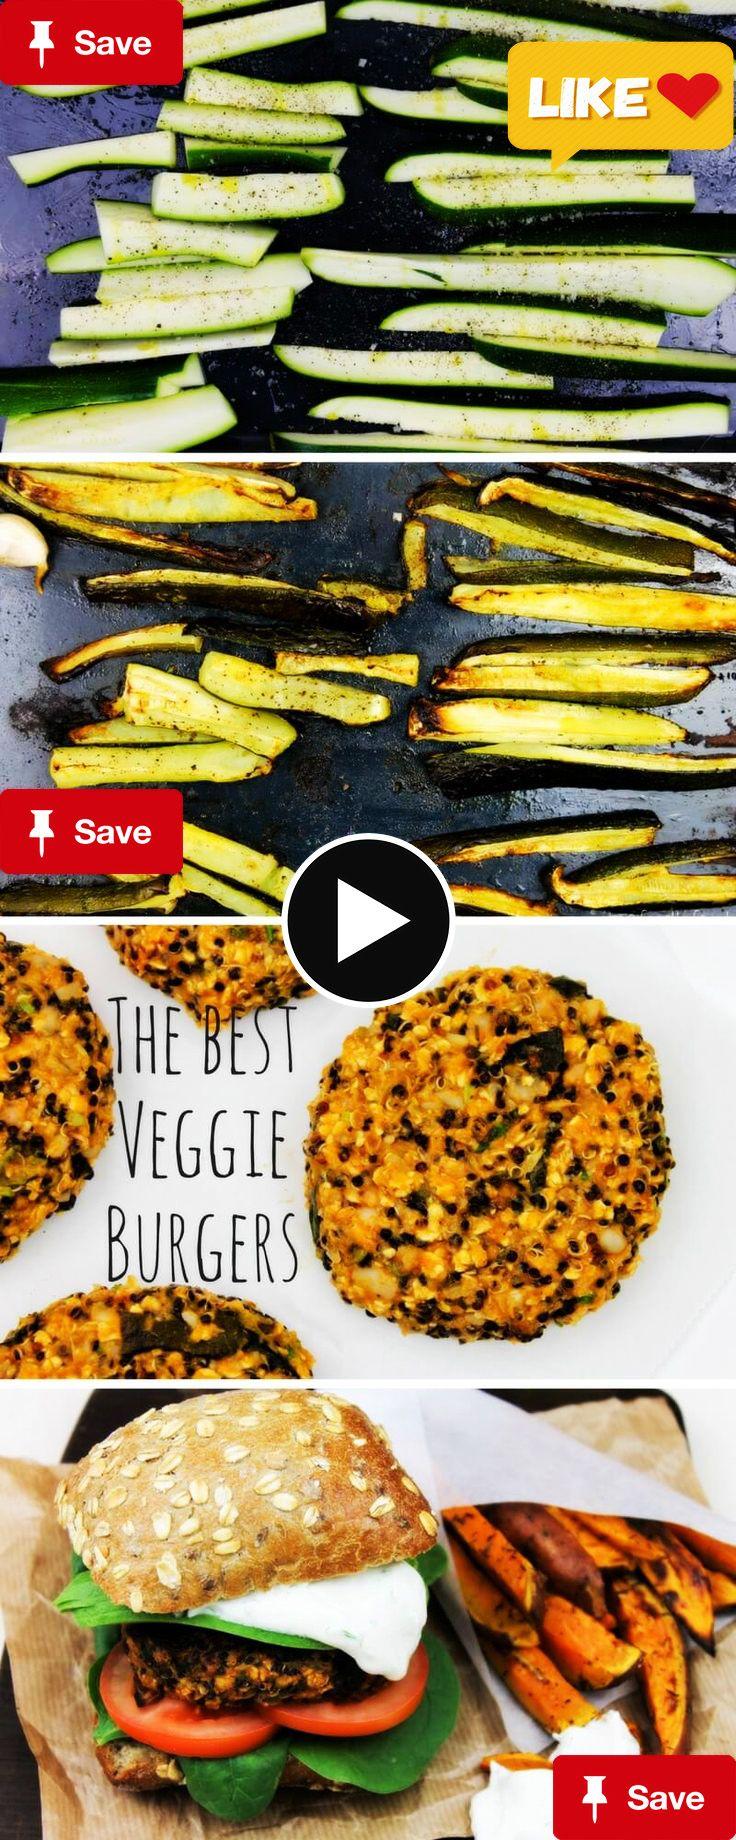 Het recept voor Vegg Het recept voor Veggie Burgers met gegrilde courgette en feta-knoflooksaus   It's a Food Life